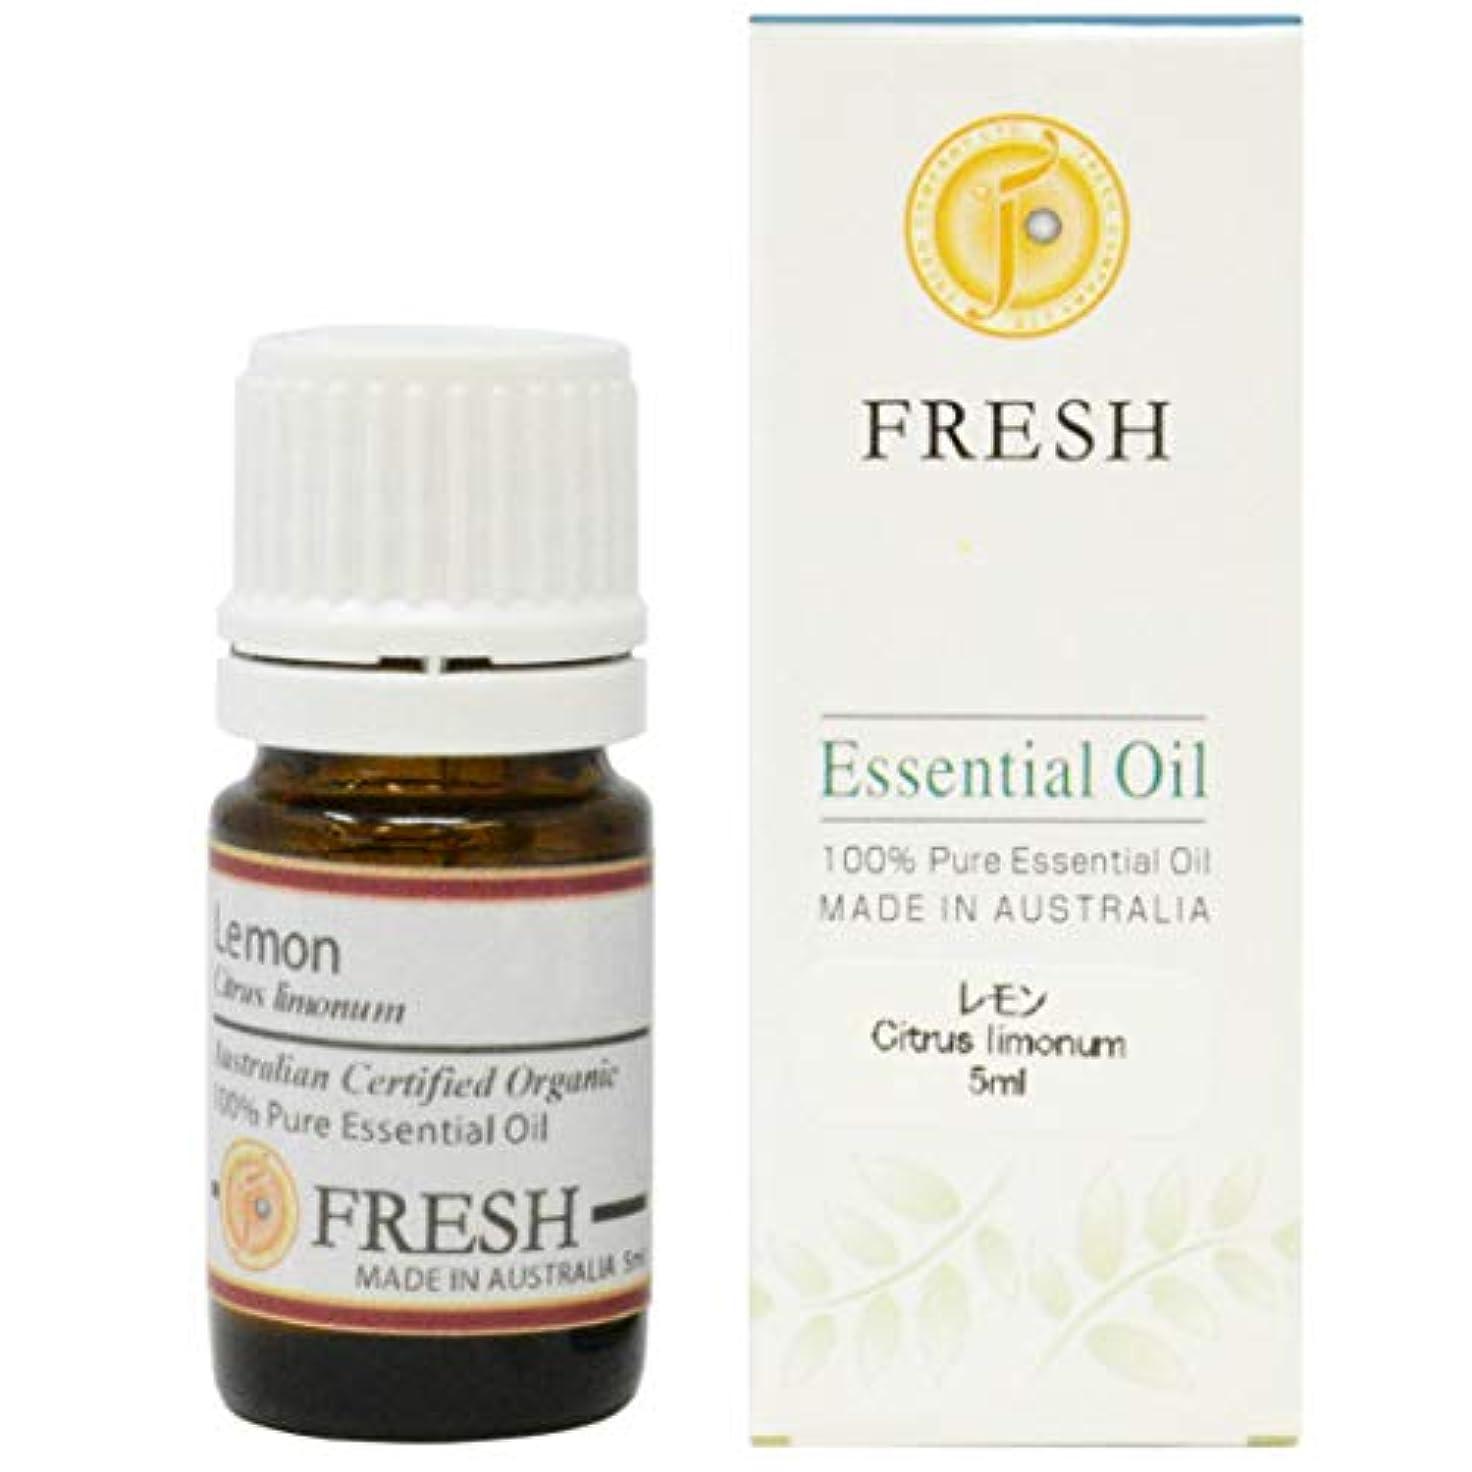 干渉する予測よく話されるFRESH オーガニック エッセンシャルオイル レモン 5ml (FRESH 精油)